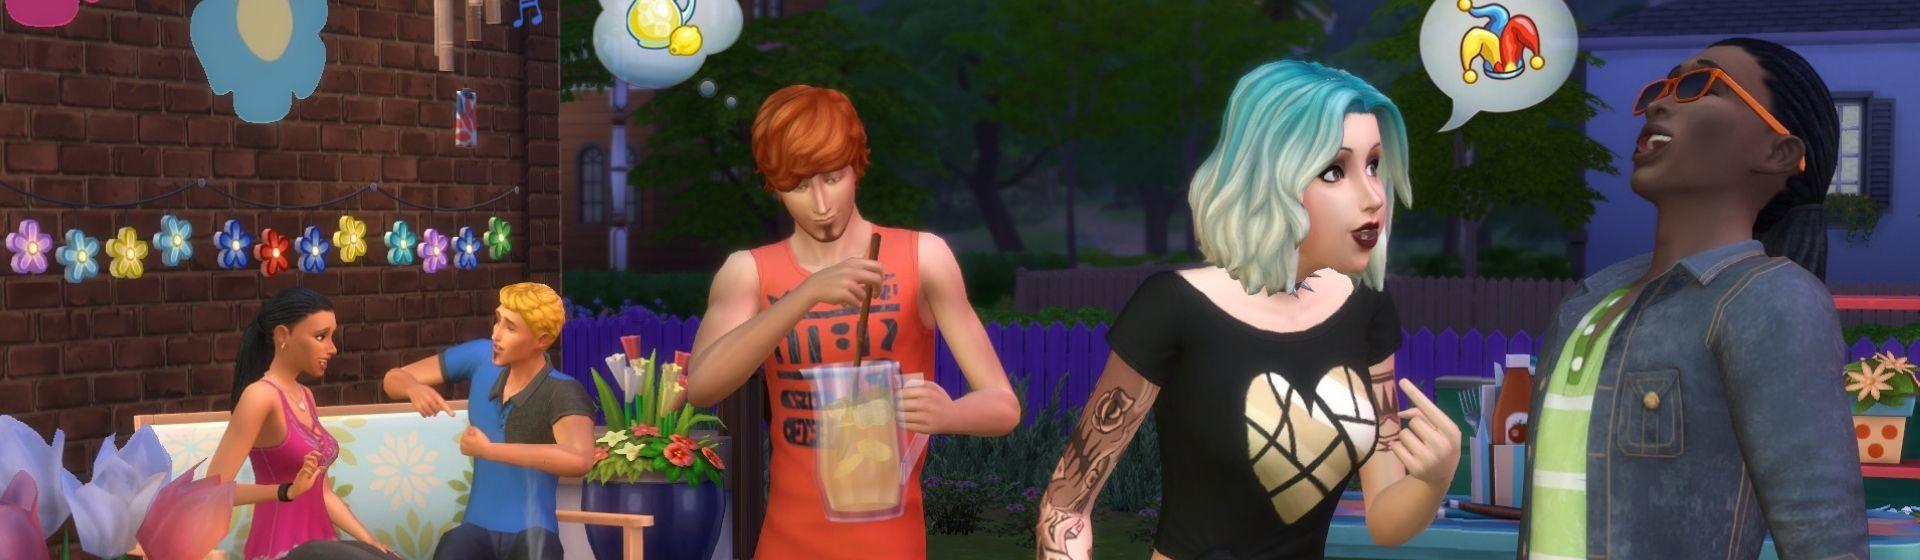 Códigos The Sims 4: cheats, manhas e trapaças de todas as expansões